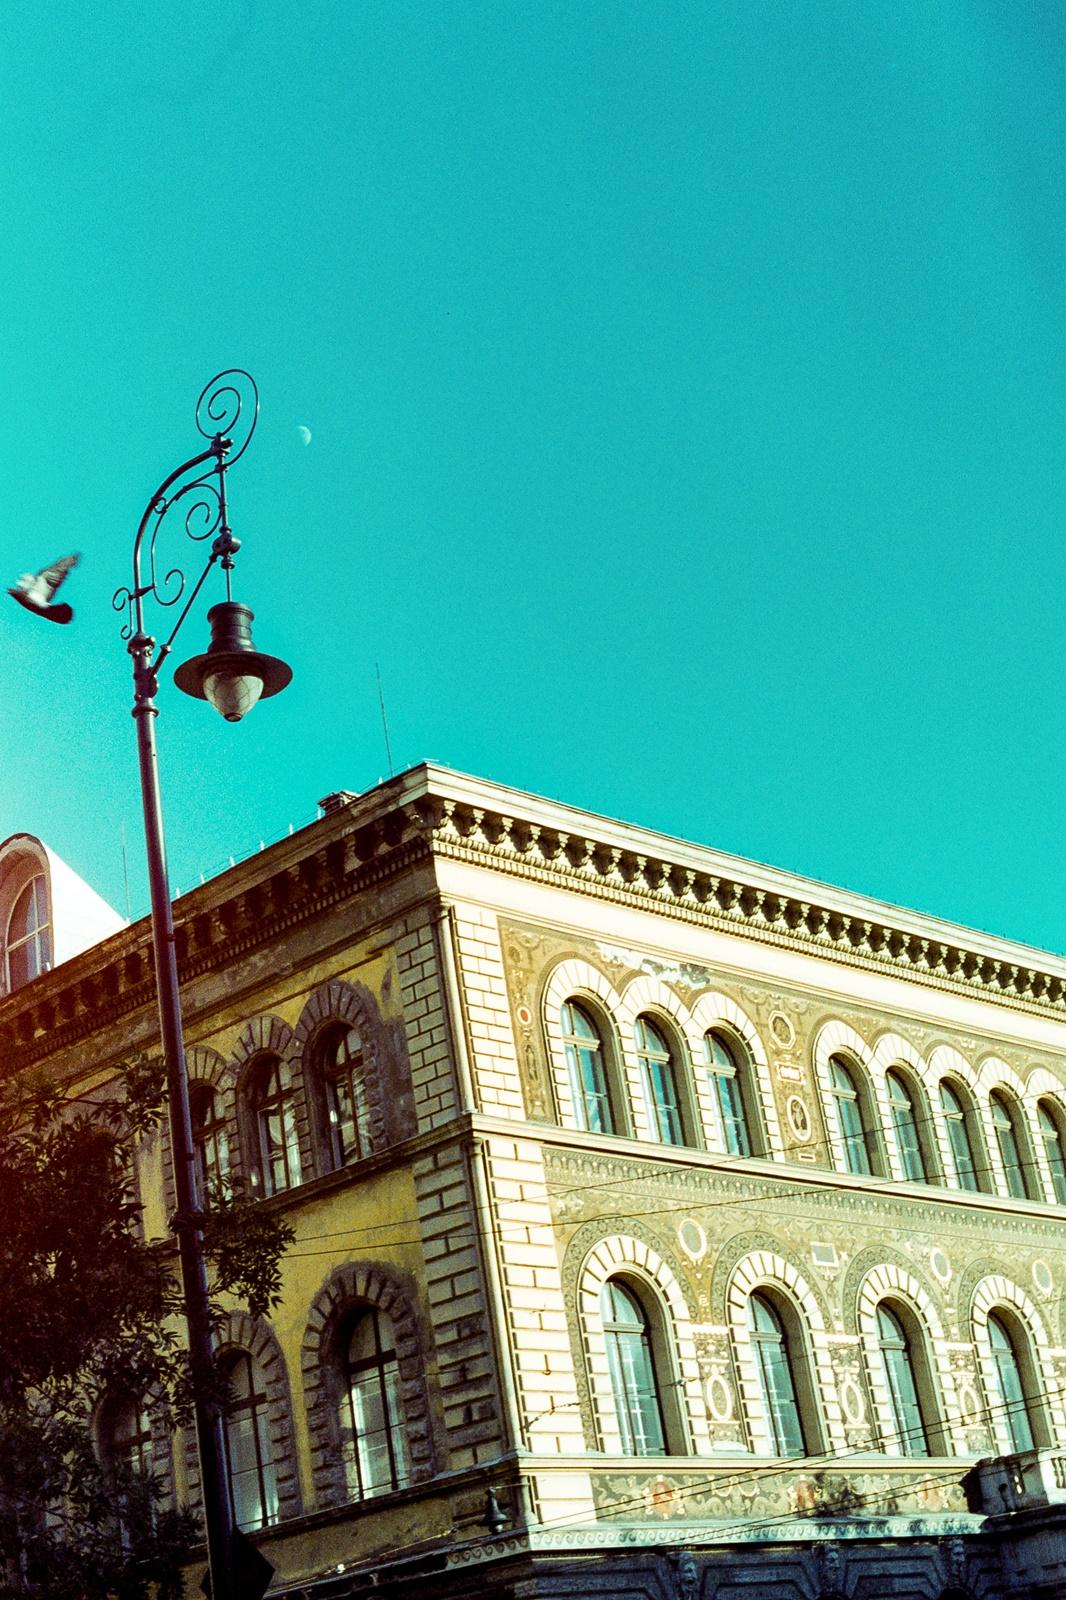 Canon A1, Sigma 28mm daylight no filter - Bucharest.jpg